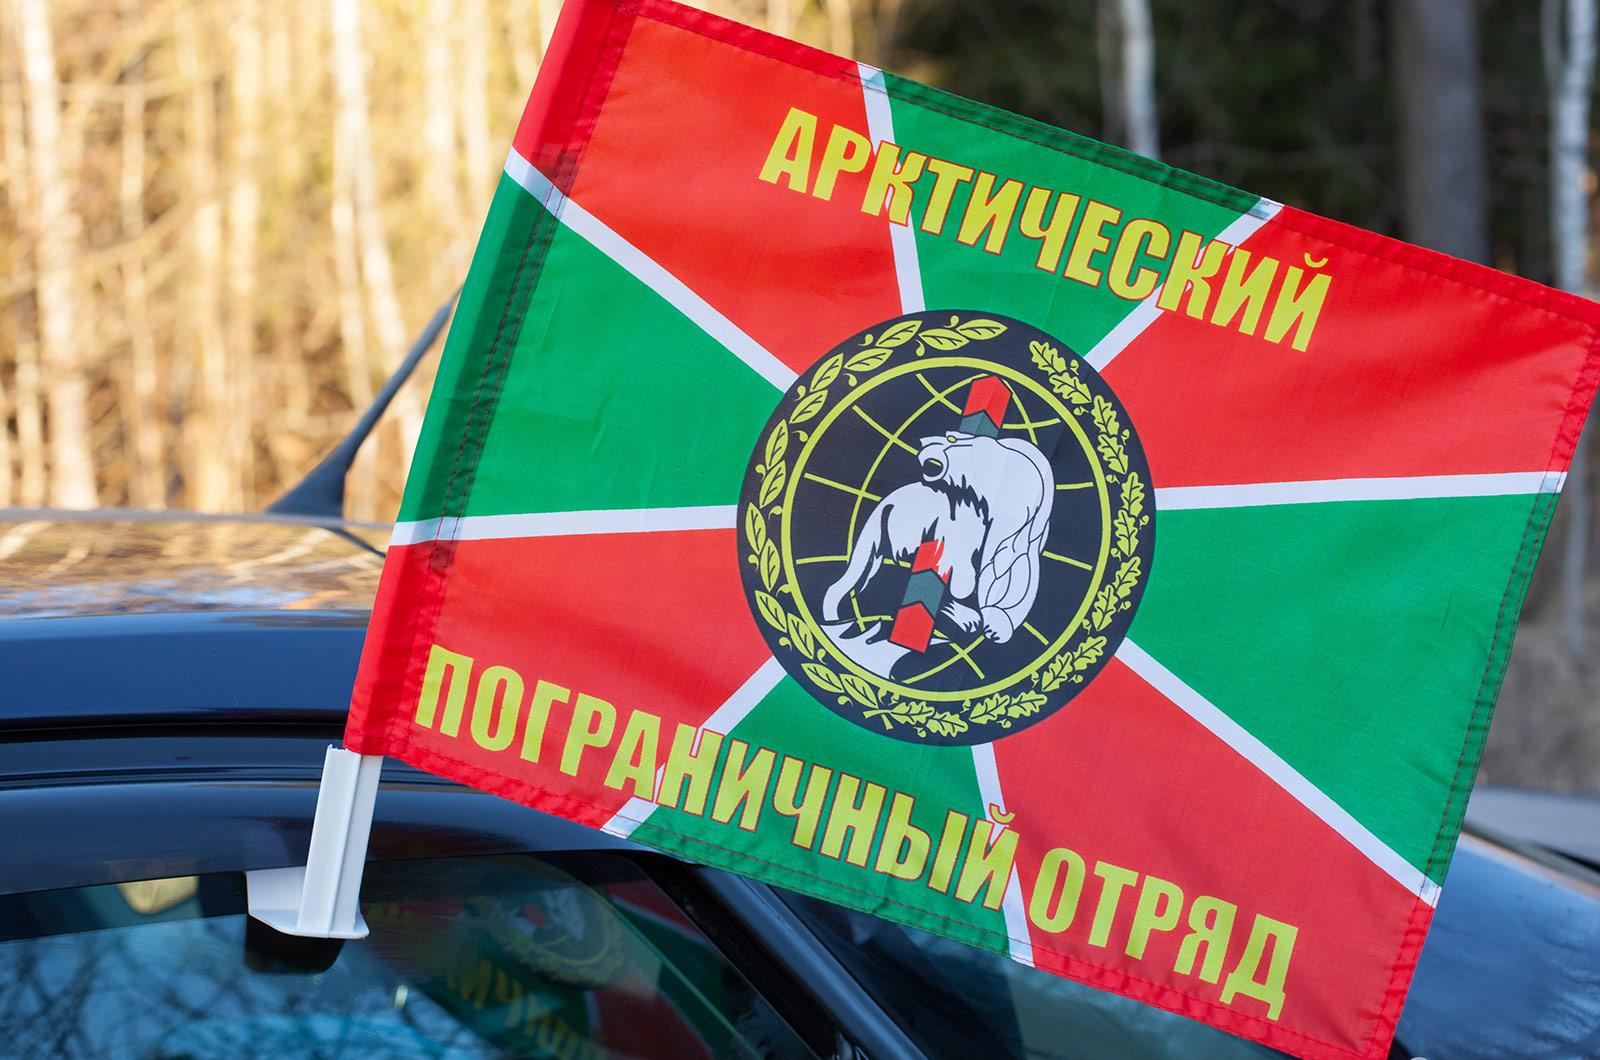 Флаг на машину «Арктический погранотряд»